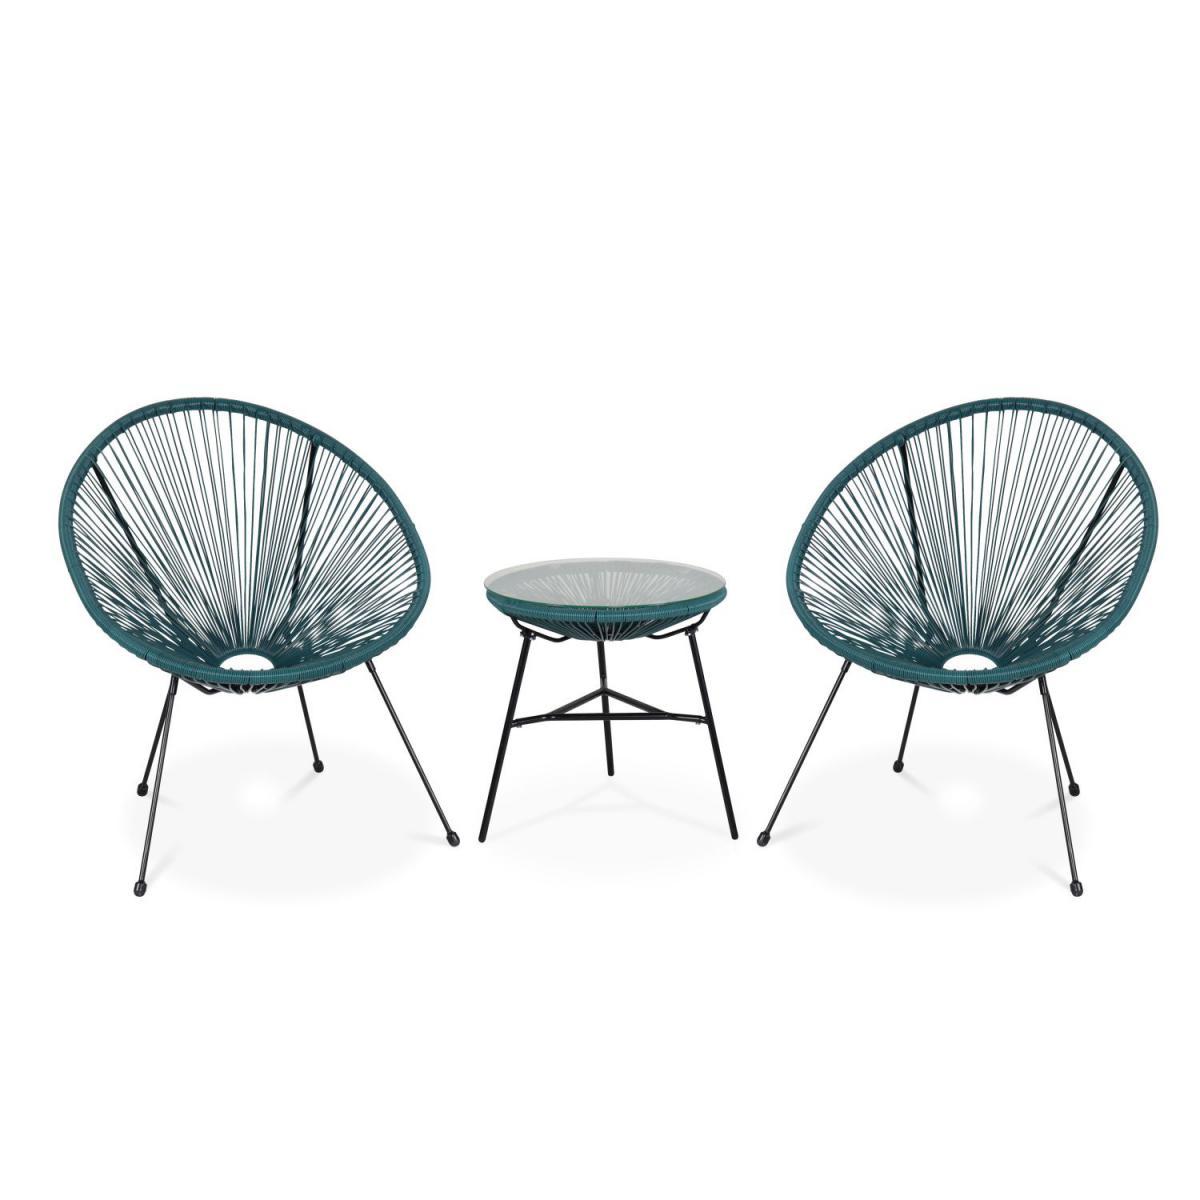 Alice'S Garden Lot de 2 fauteuils ACAPULCO forme d'oeuf avec table d'appoint - bleu canard - Fauteuils design rétro